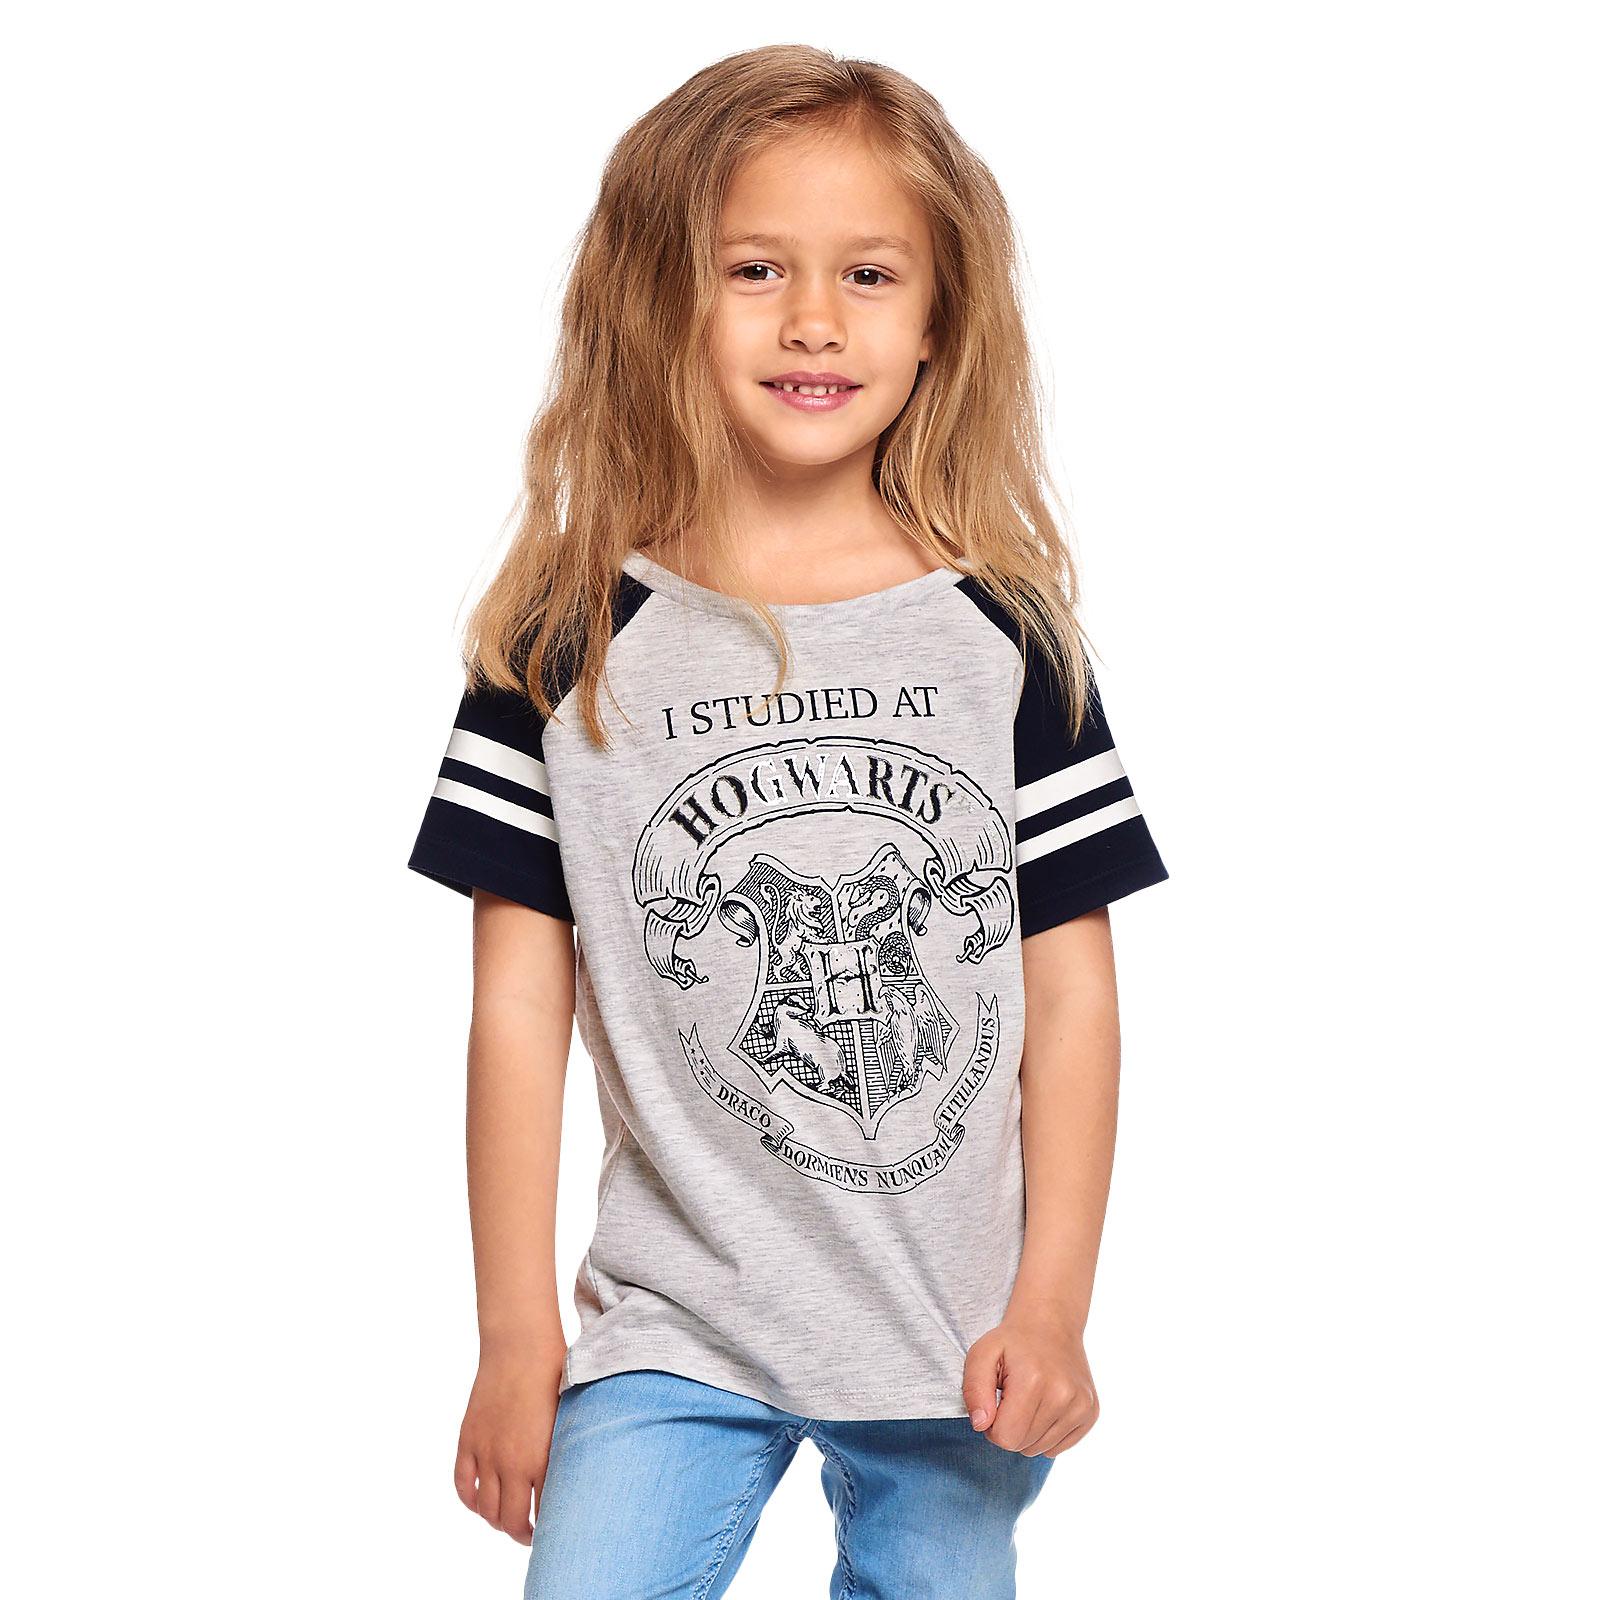 Harry Potter - I Studied at Hogwarts Kinder T-Shirt